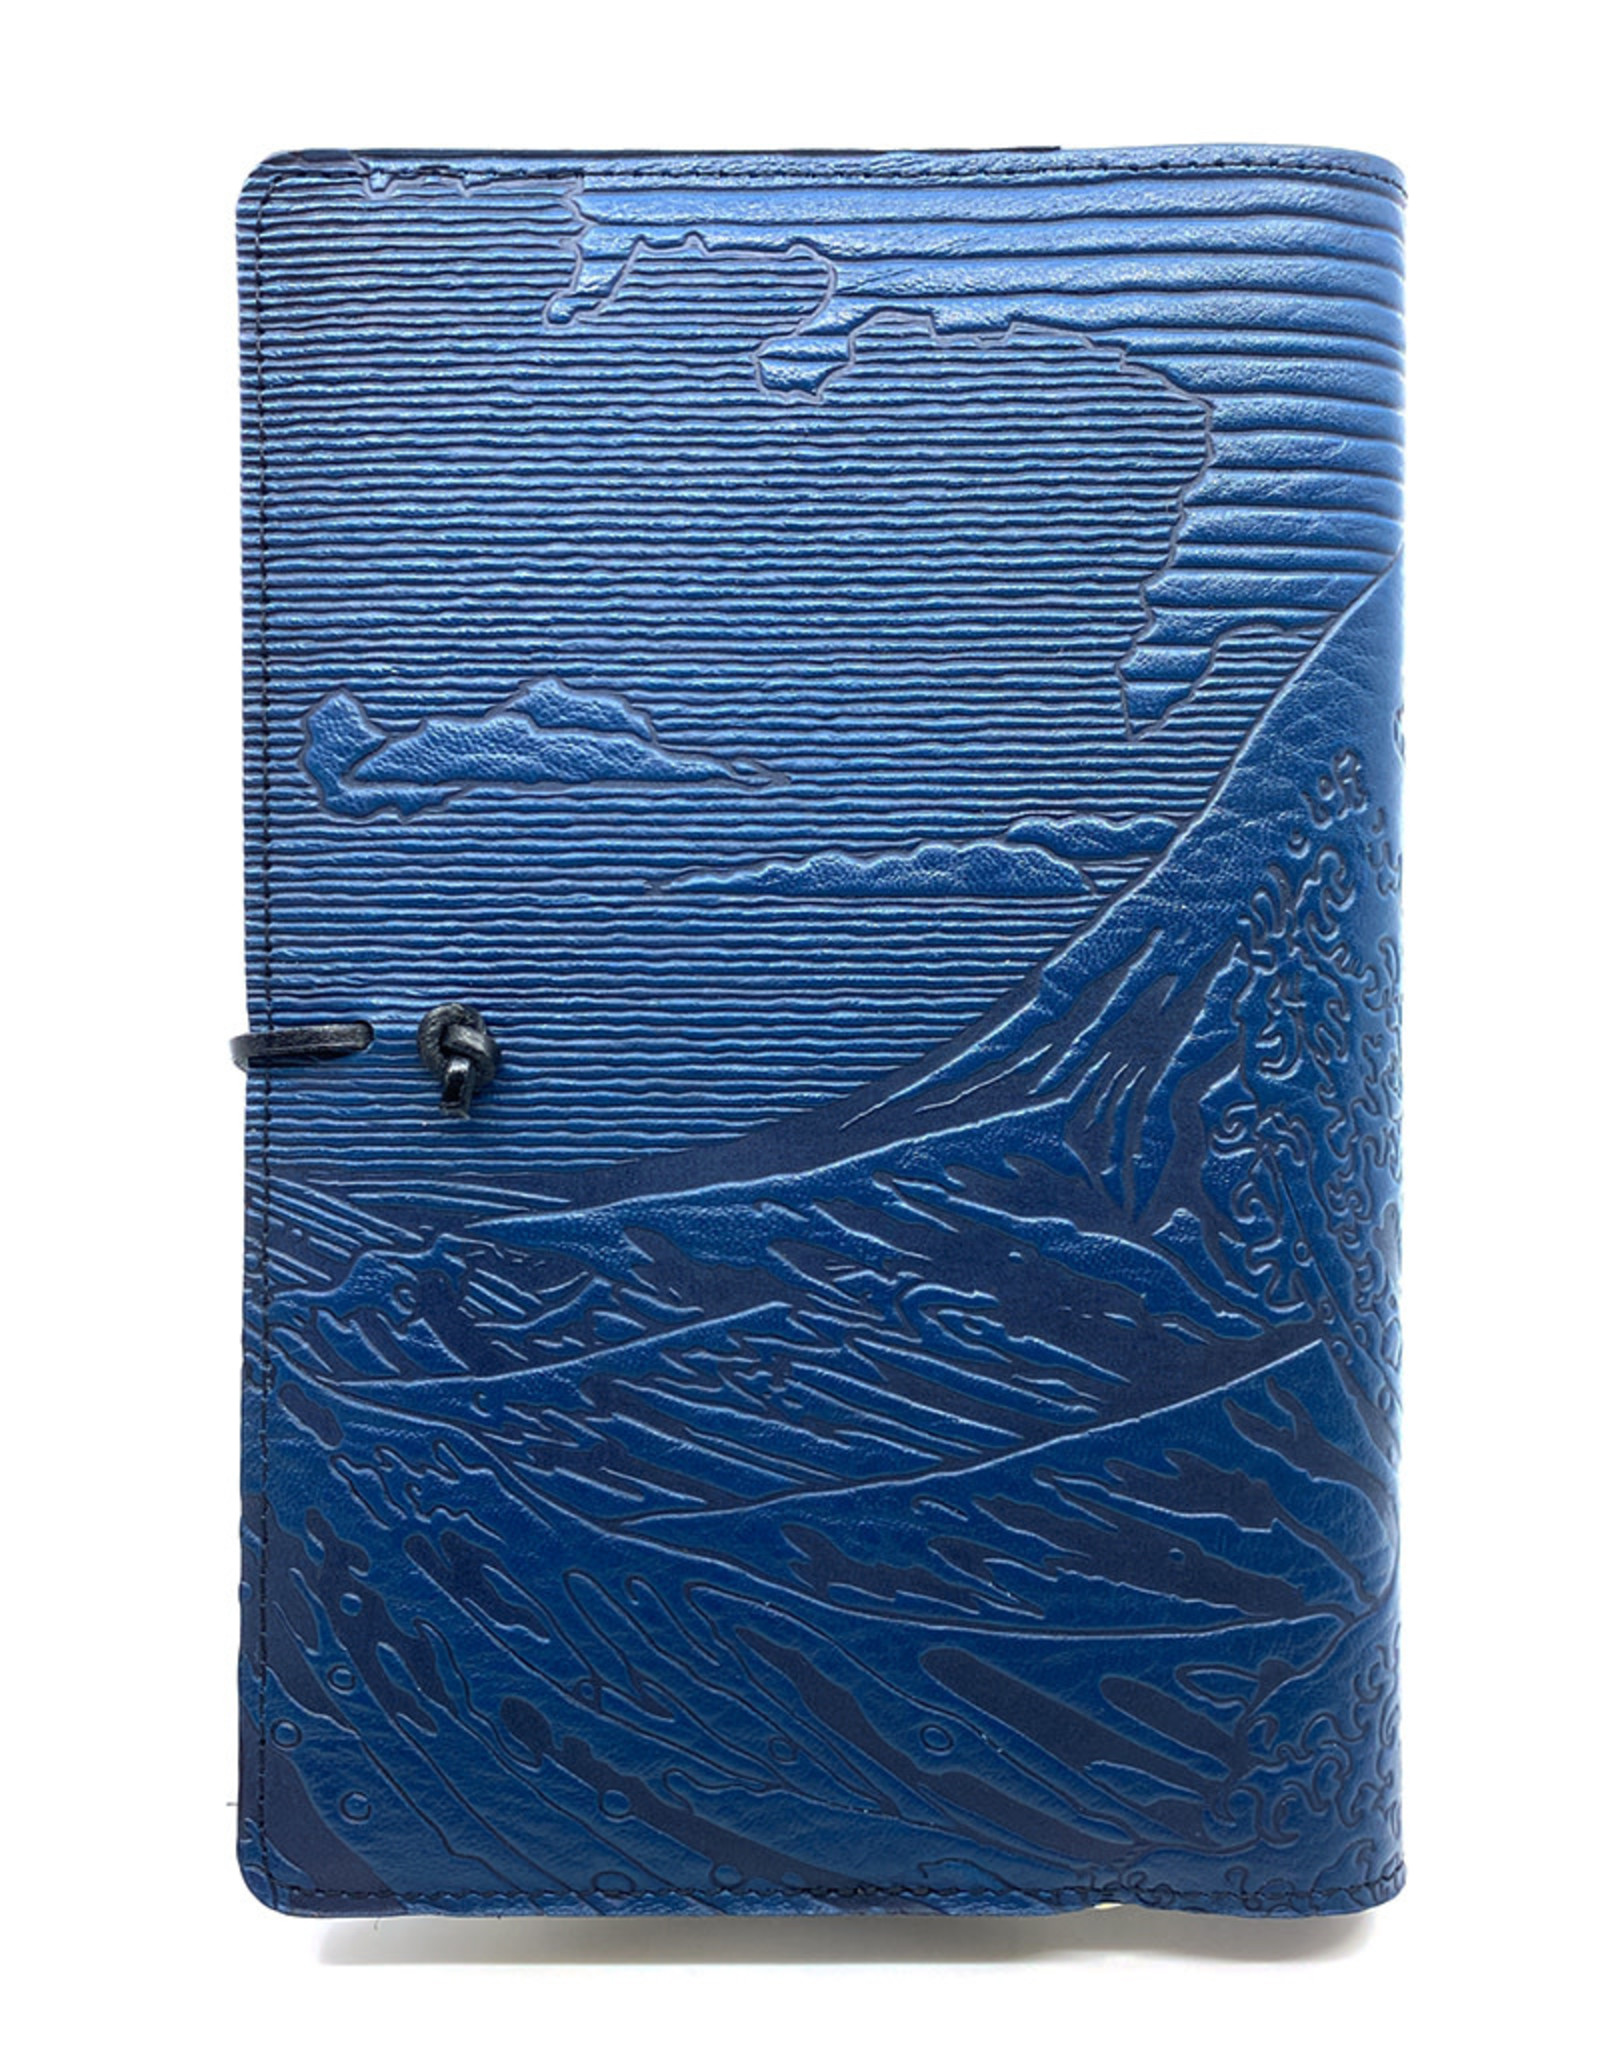 OBERON HOKUSAI WAVE JOURNAL (NAVY)